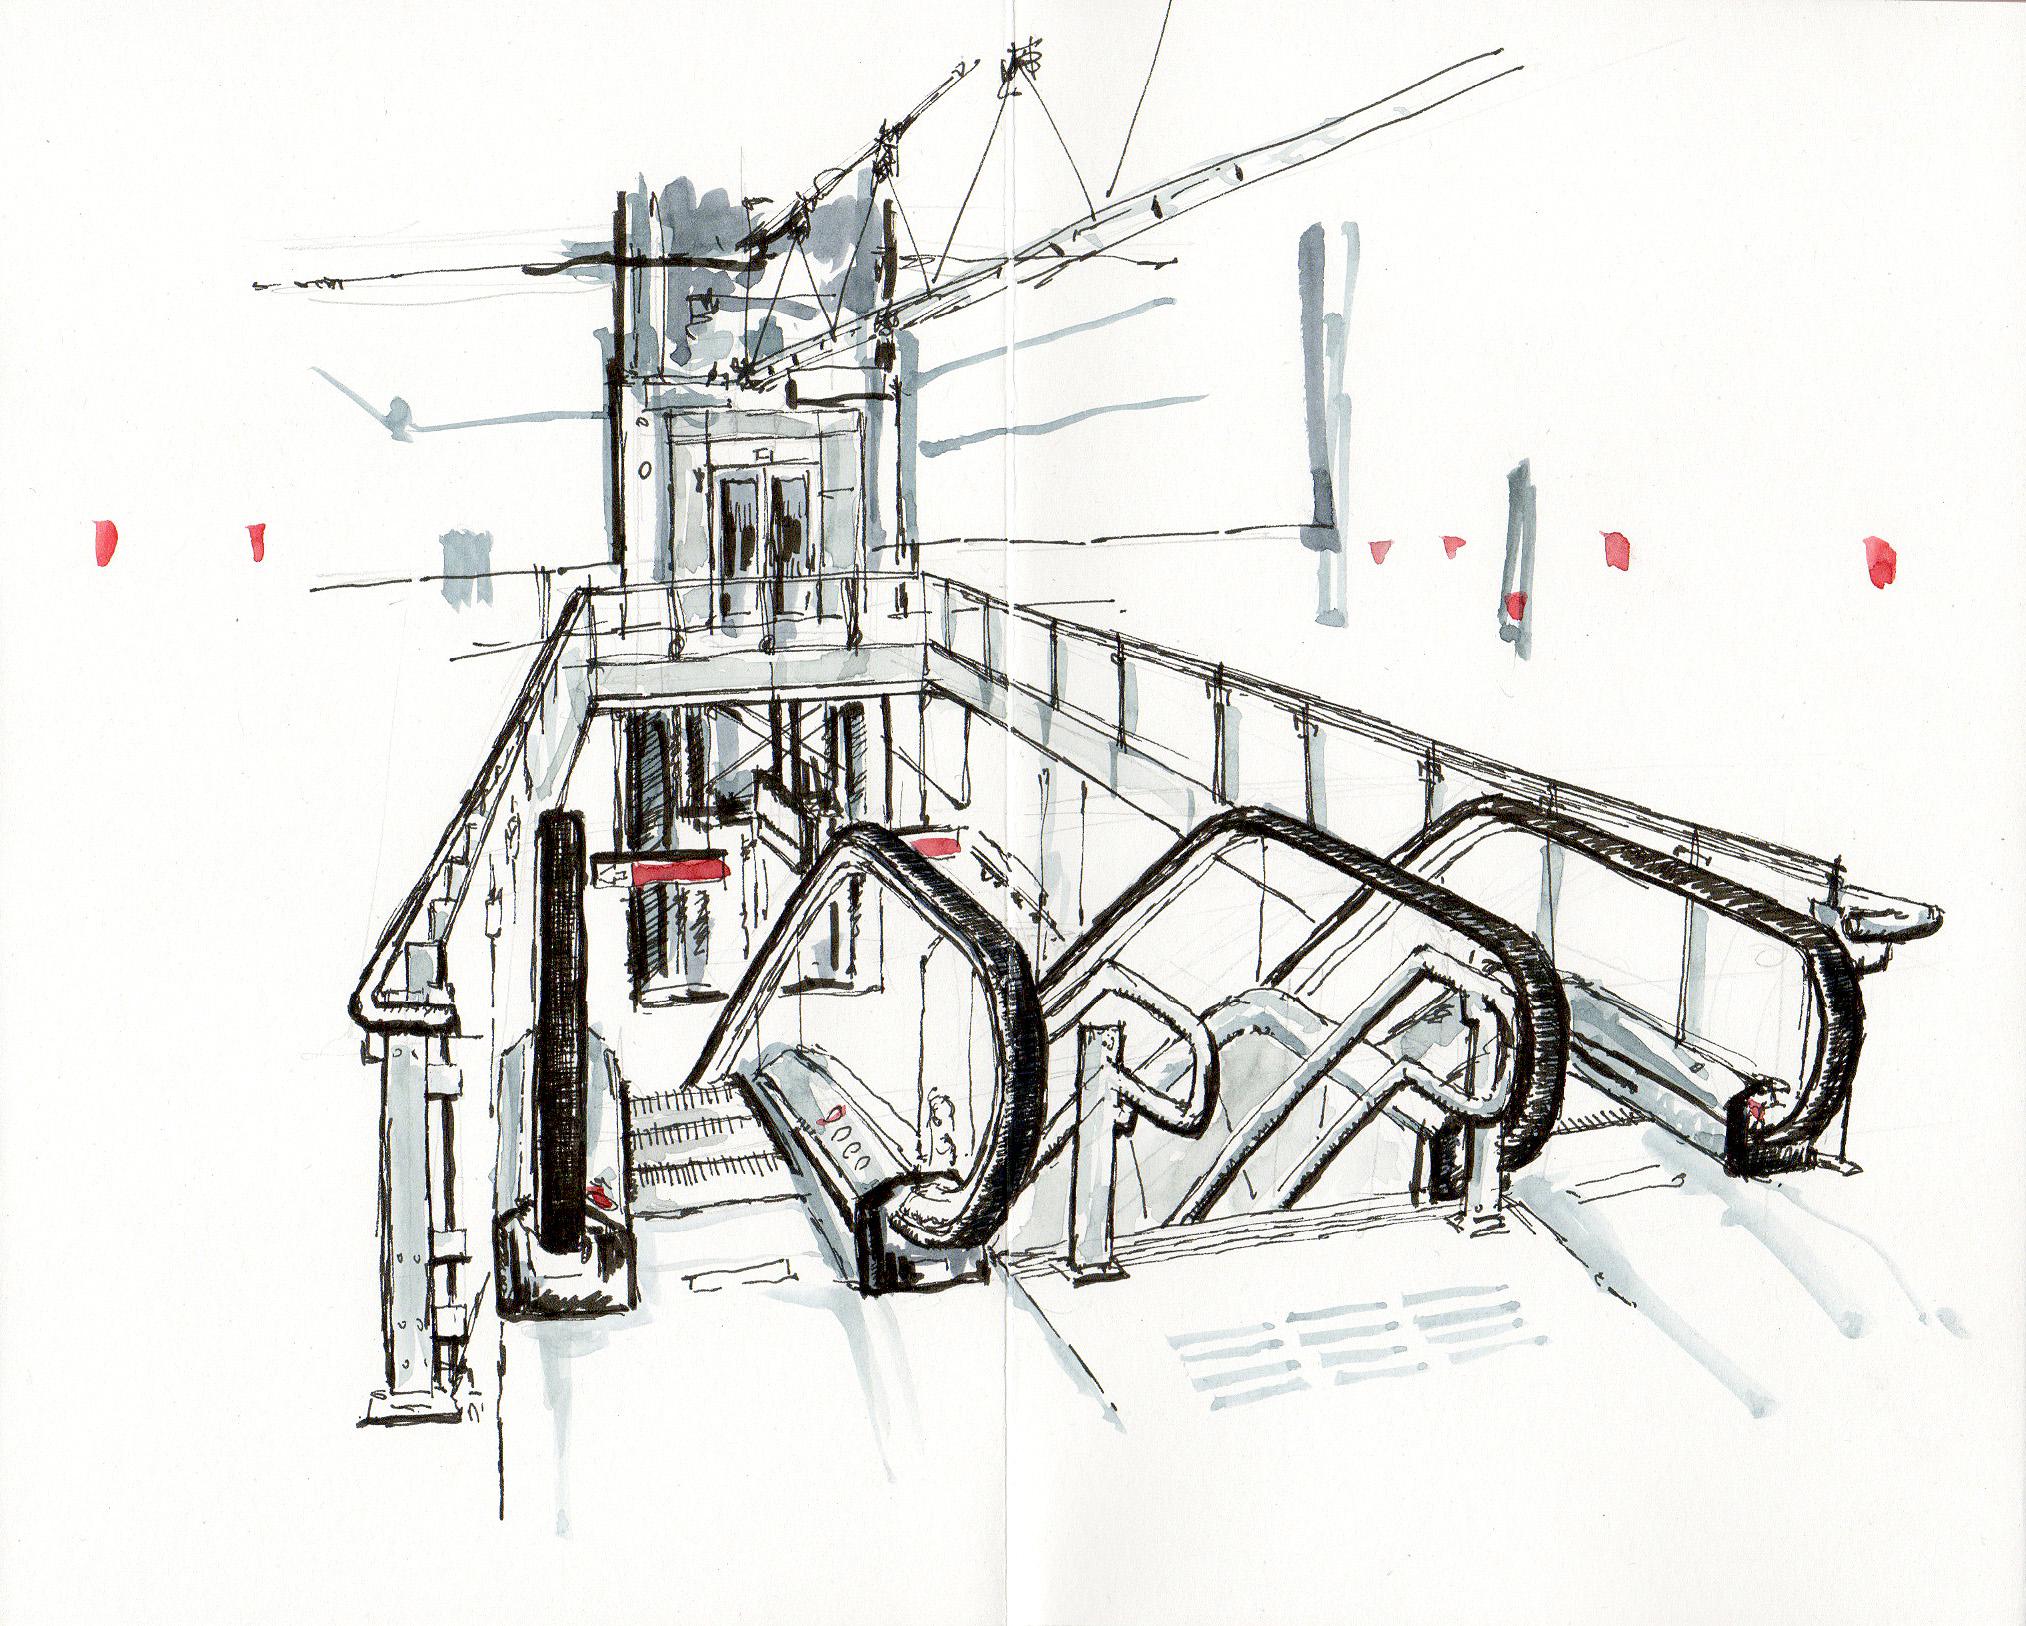 Hintergrundbilder : Zeichnung, Fahrzeug, Metro, Elektrizität, Malaga ...